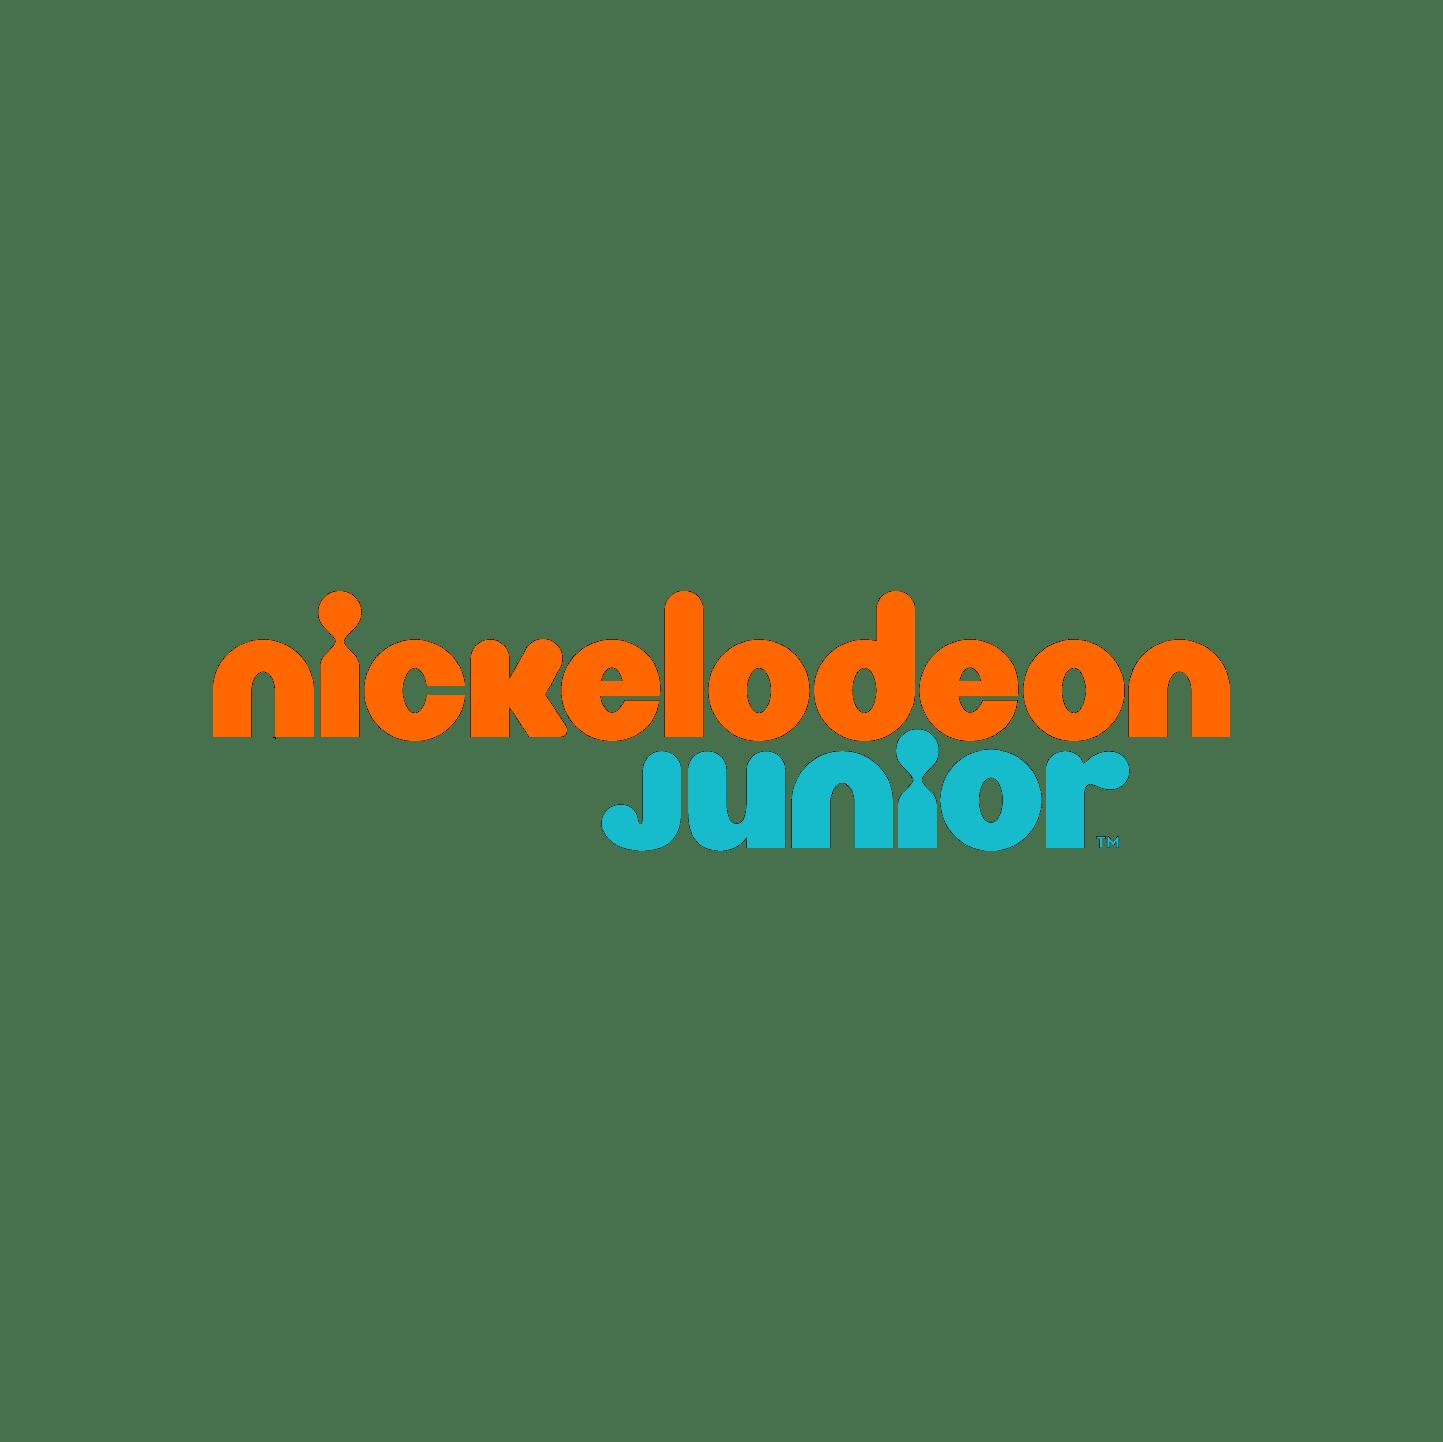 Logo Nickelodeon junior